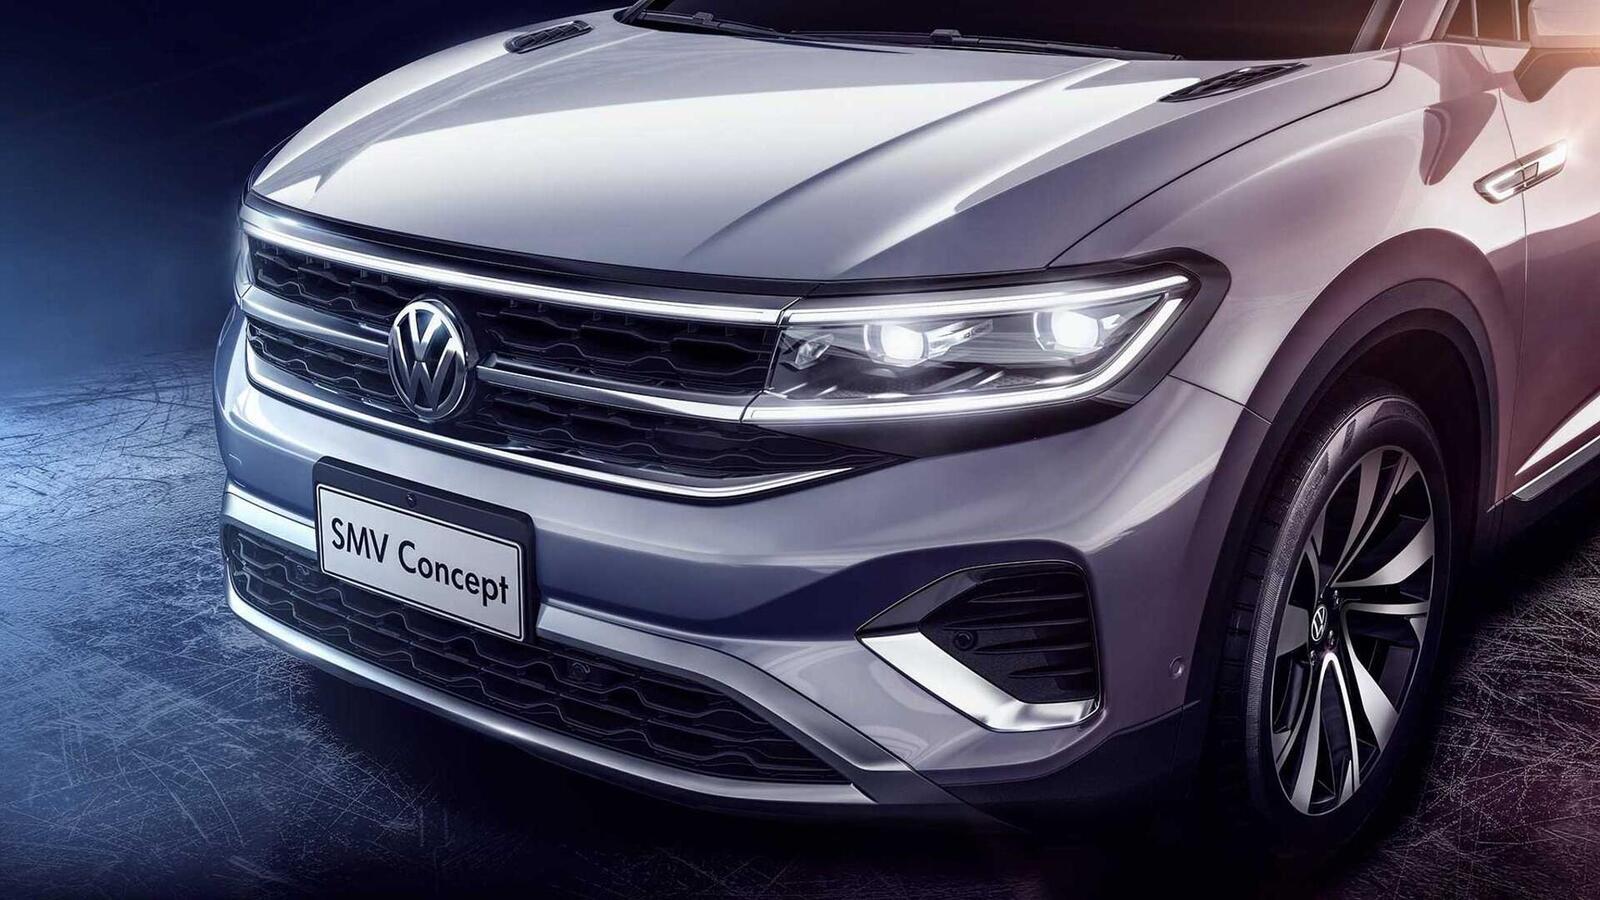 Volkswagen giới thiệu SUV SMV Concept hoàn toàn mới: Dài hơn 5m và lớn hơn cả Touareg - Hình 3